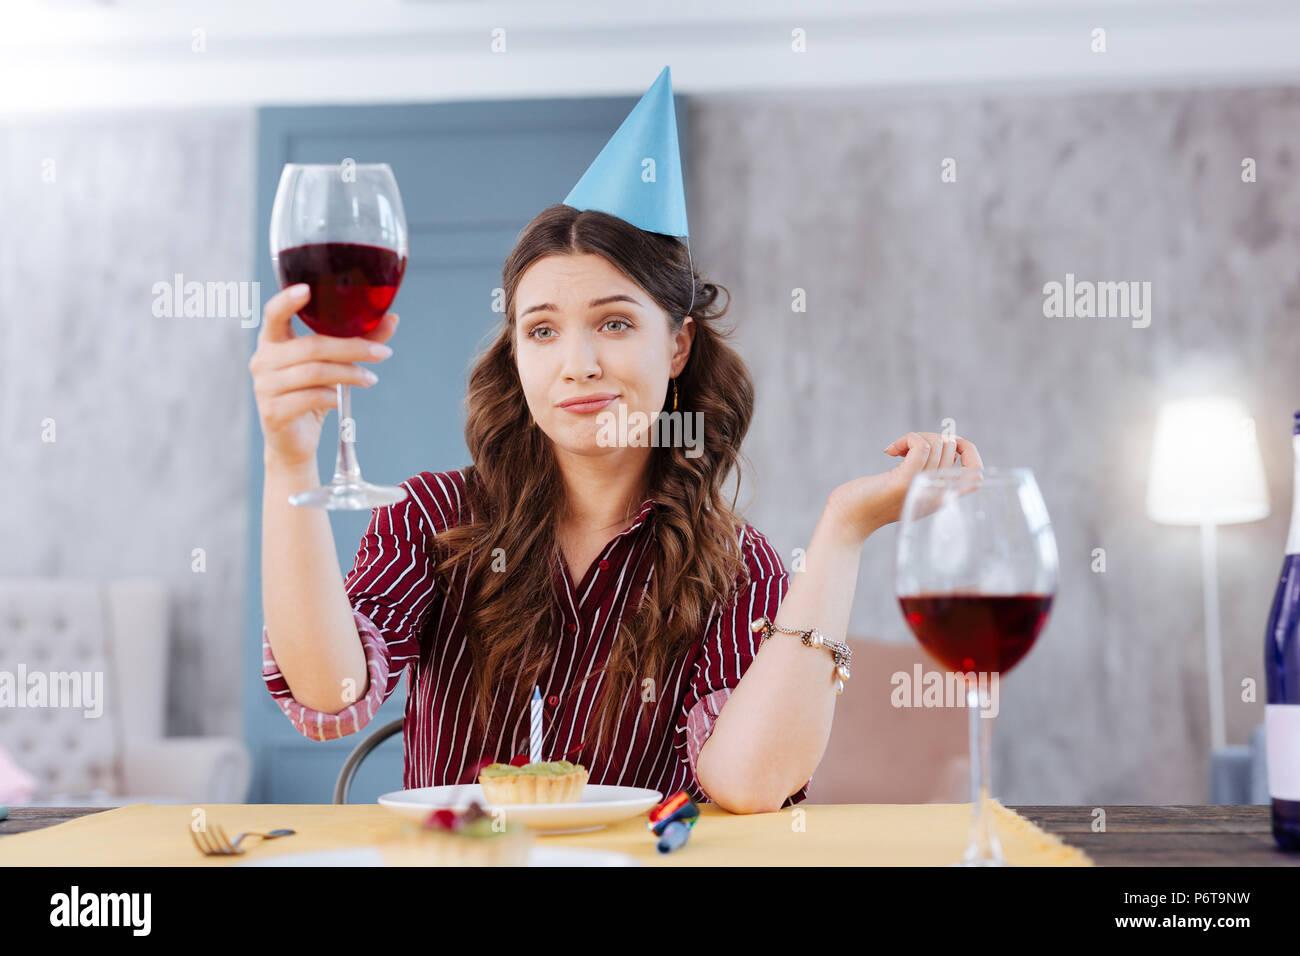 Frau, die lustiges Gesicht während der Teilnahme an Geburtstagsfeier Stockbild